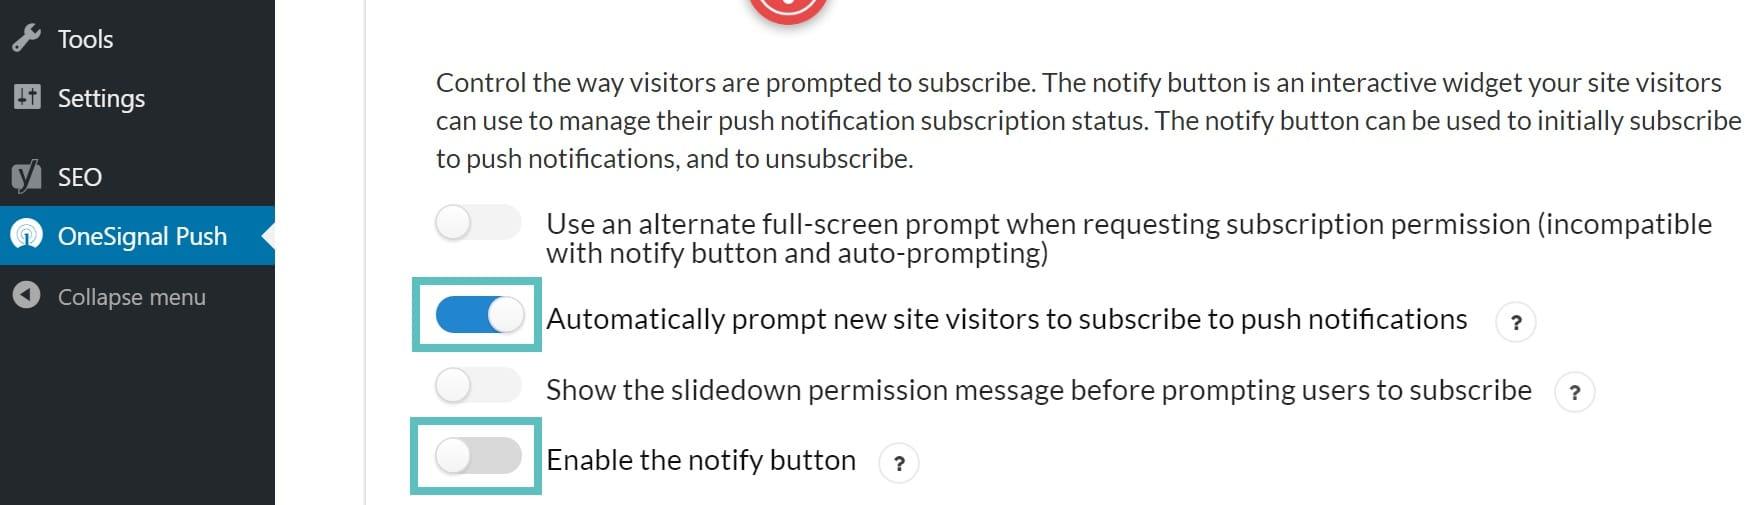 Richiesta automatica agli utenti